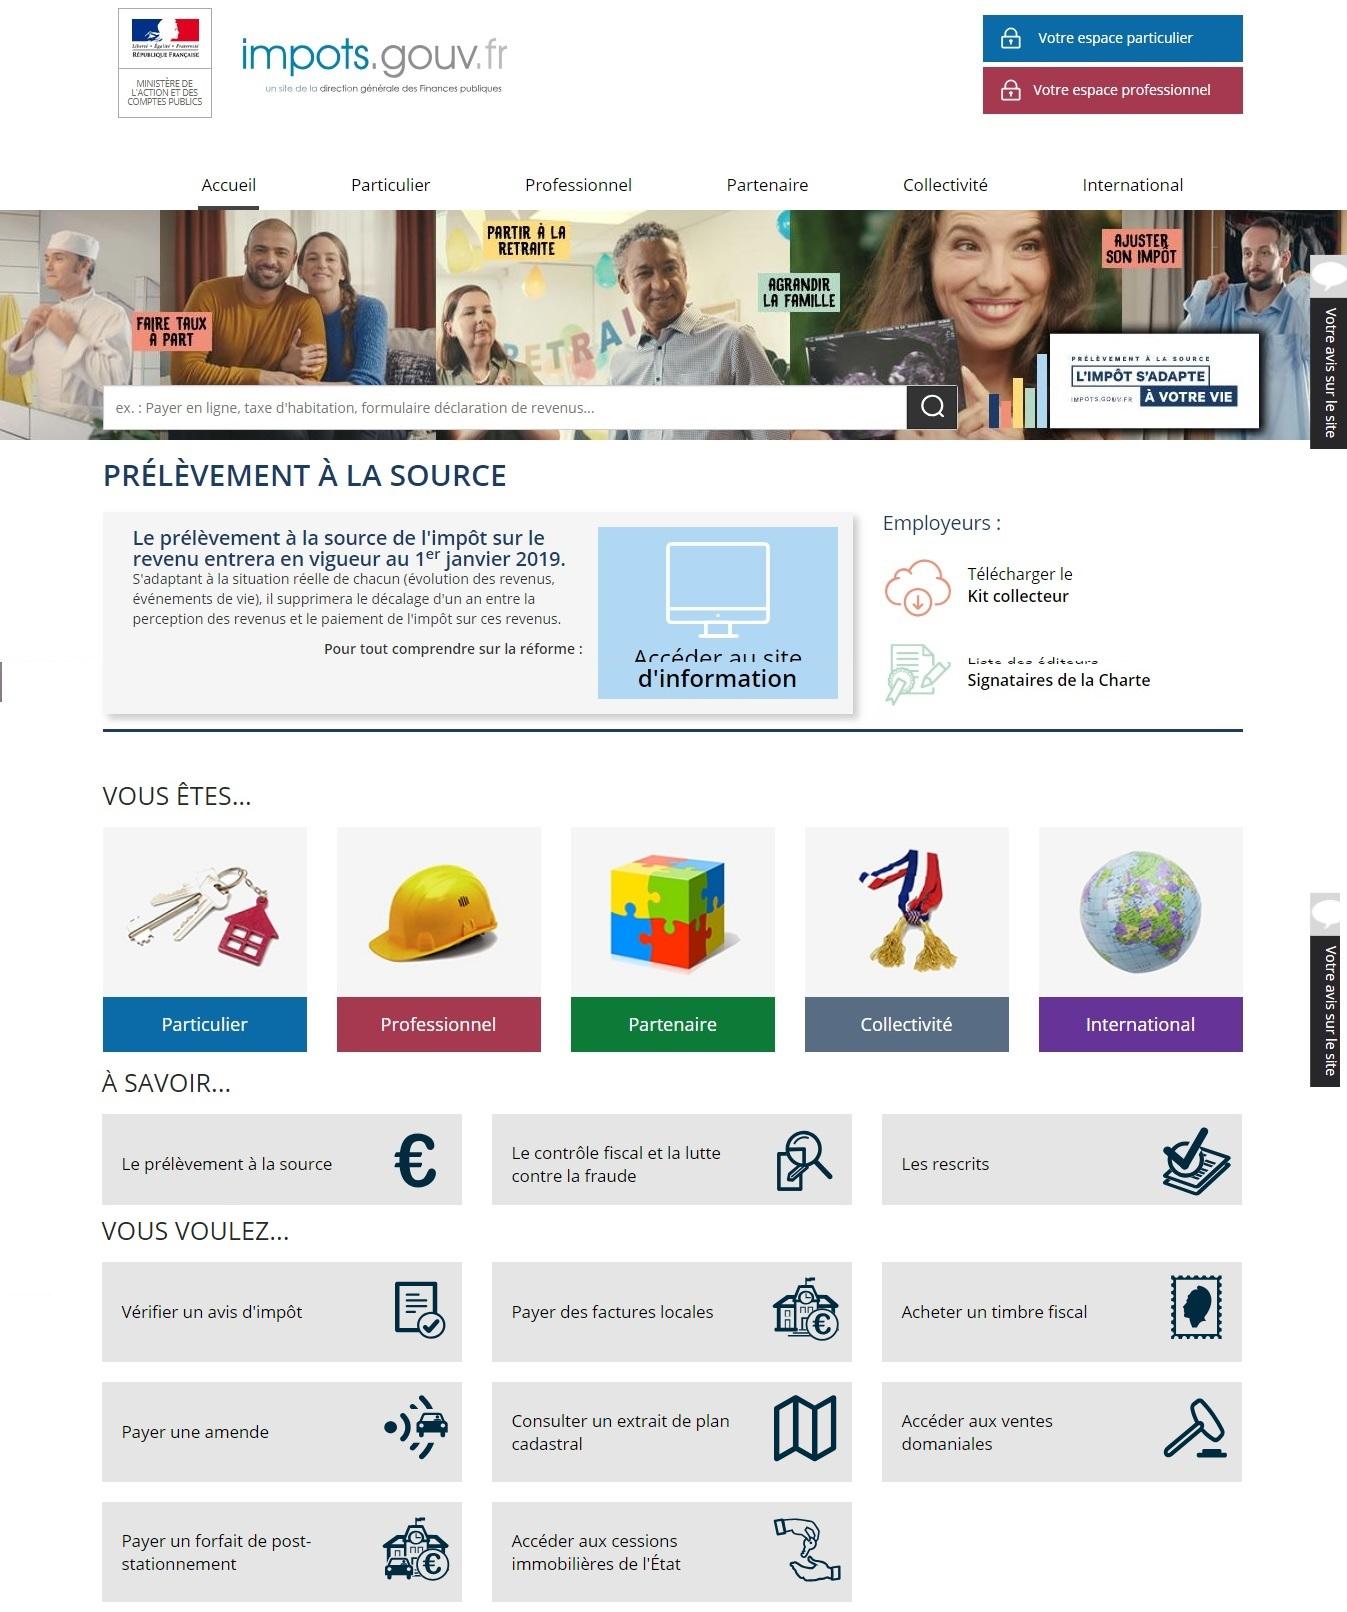 impots.gouv.fr Impôts prélèvement à la source et revenu